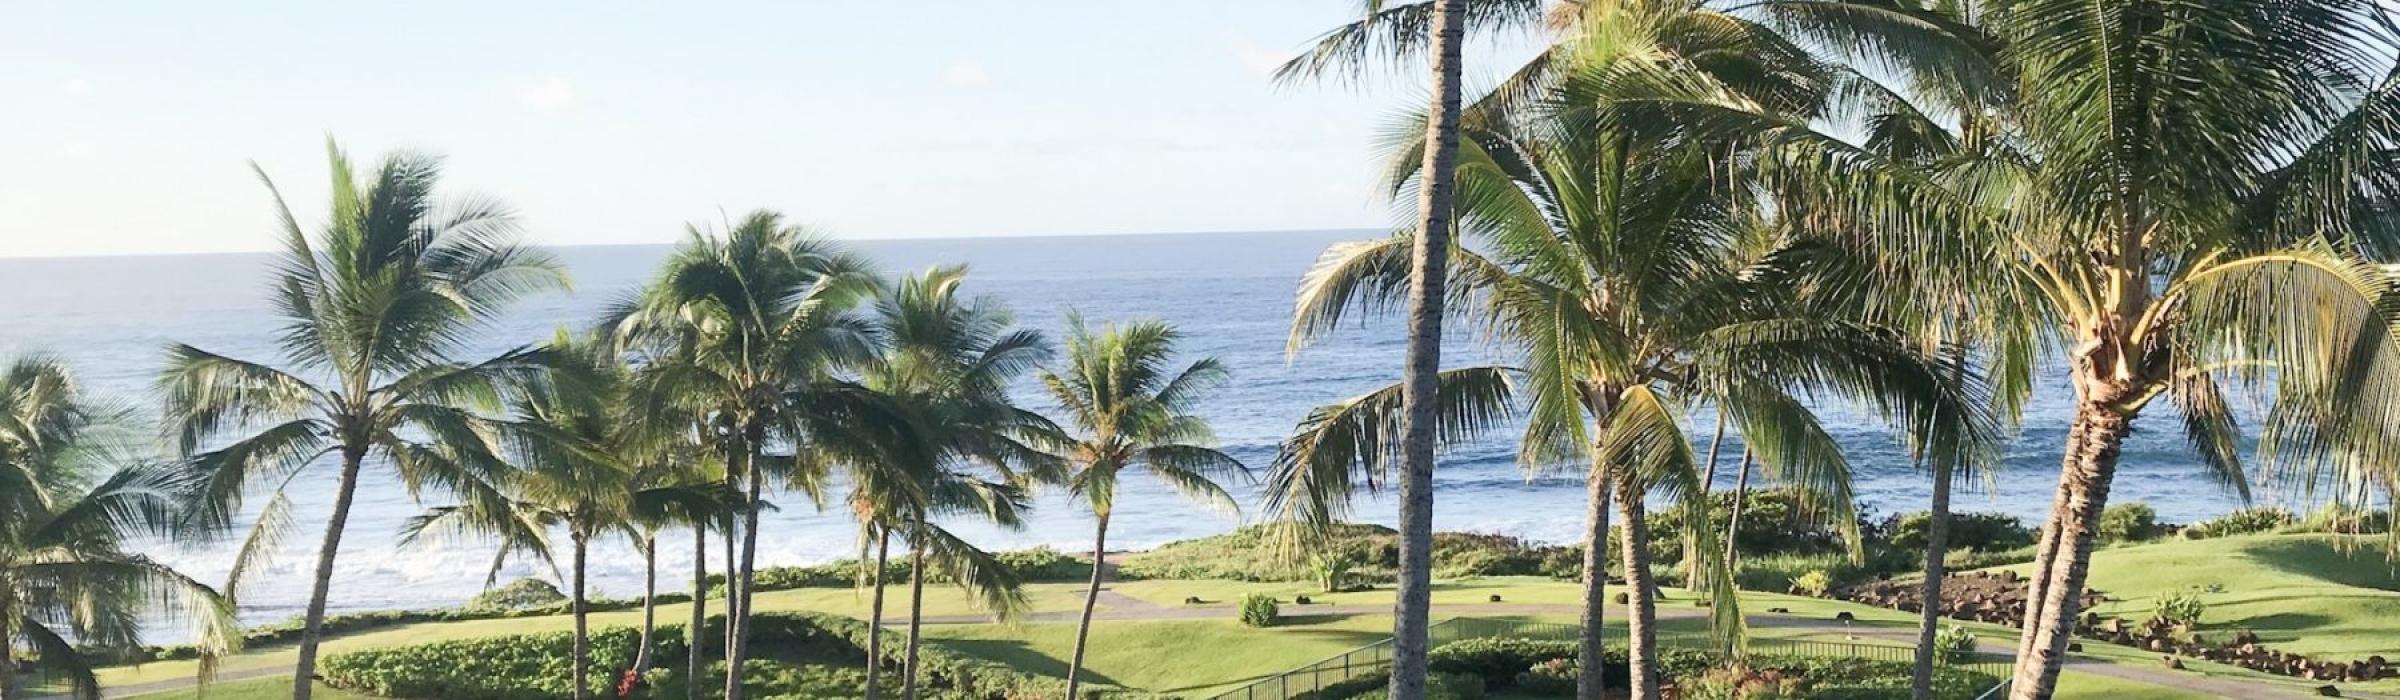 Check out the Grand Hyatt Kauai!